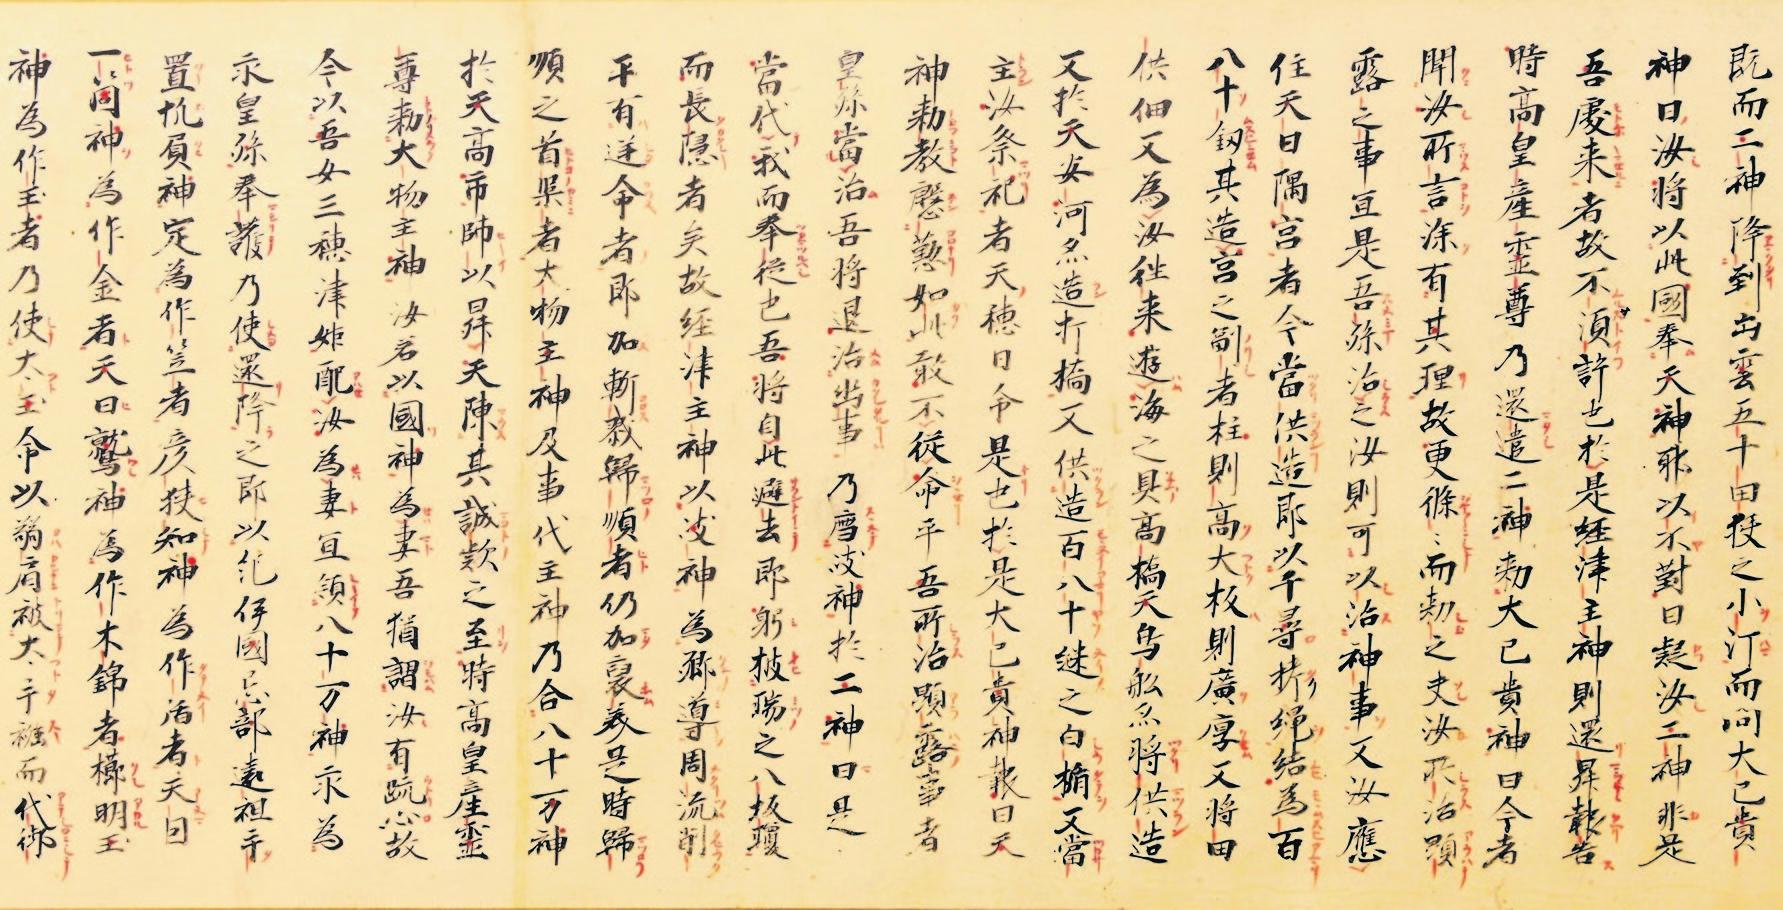 重要文化財 日本書紀 巻第二(部分)南北朝時代・永和1~3年(1375~1377) 後期展示 愛知・熱田神宮蔵